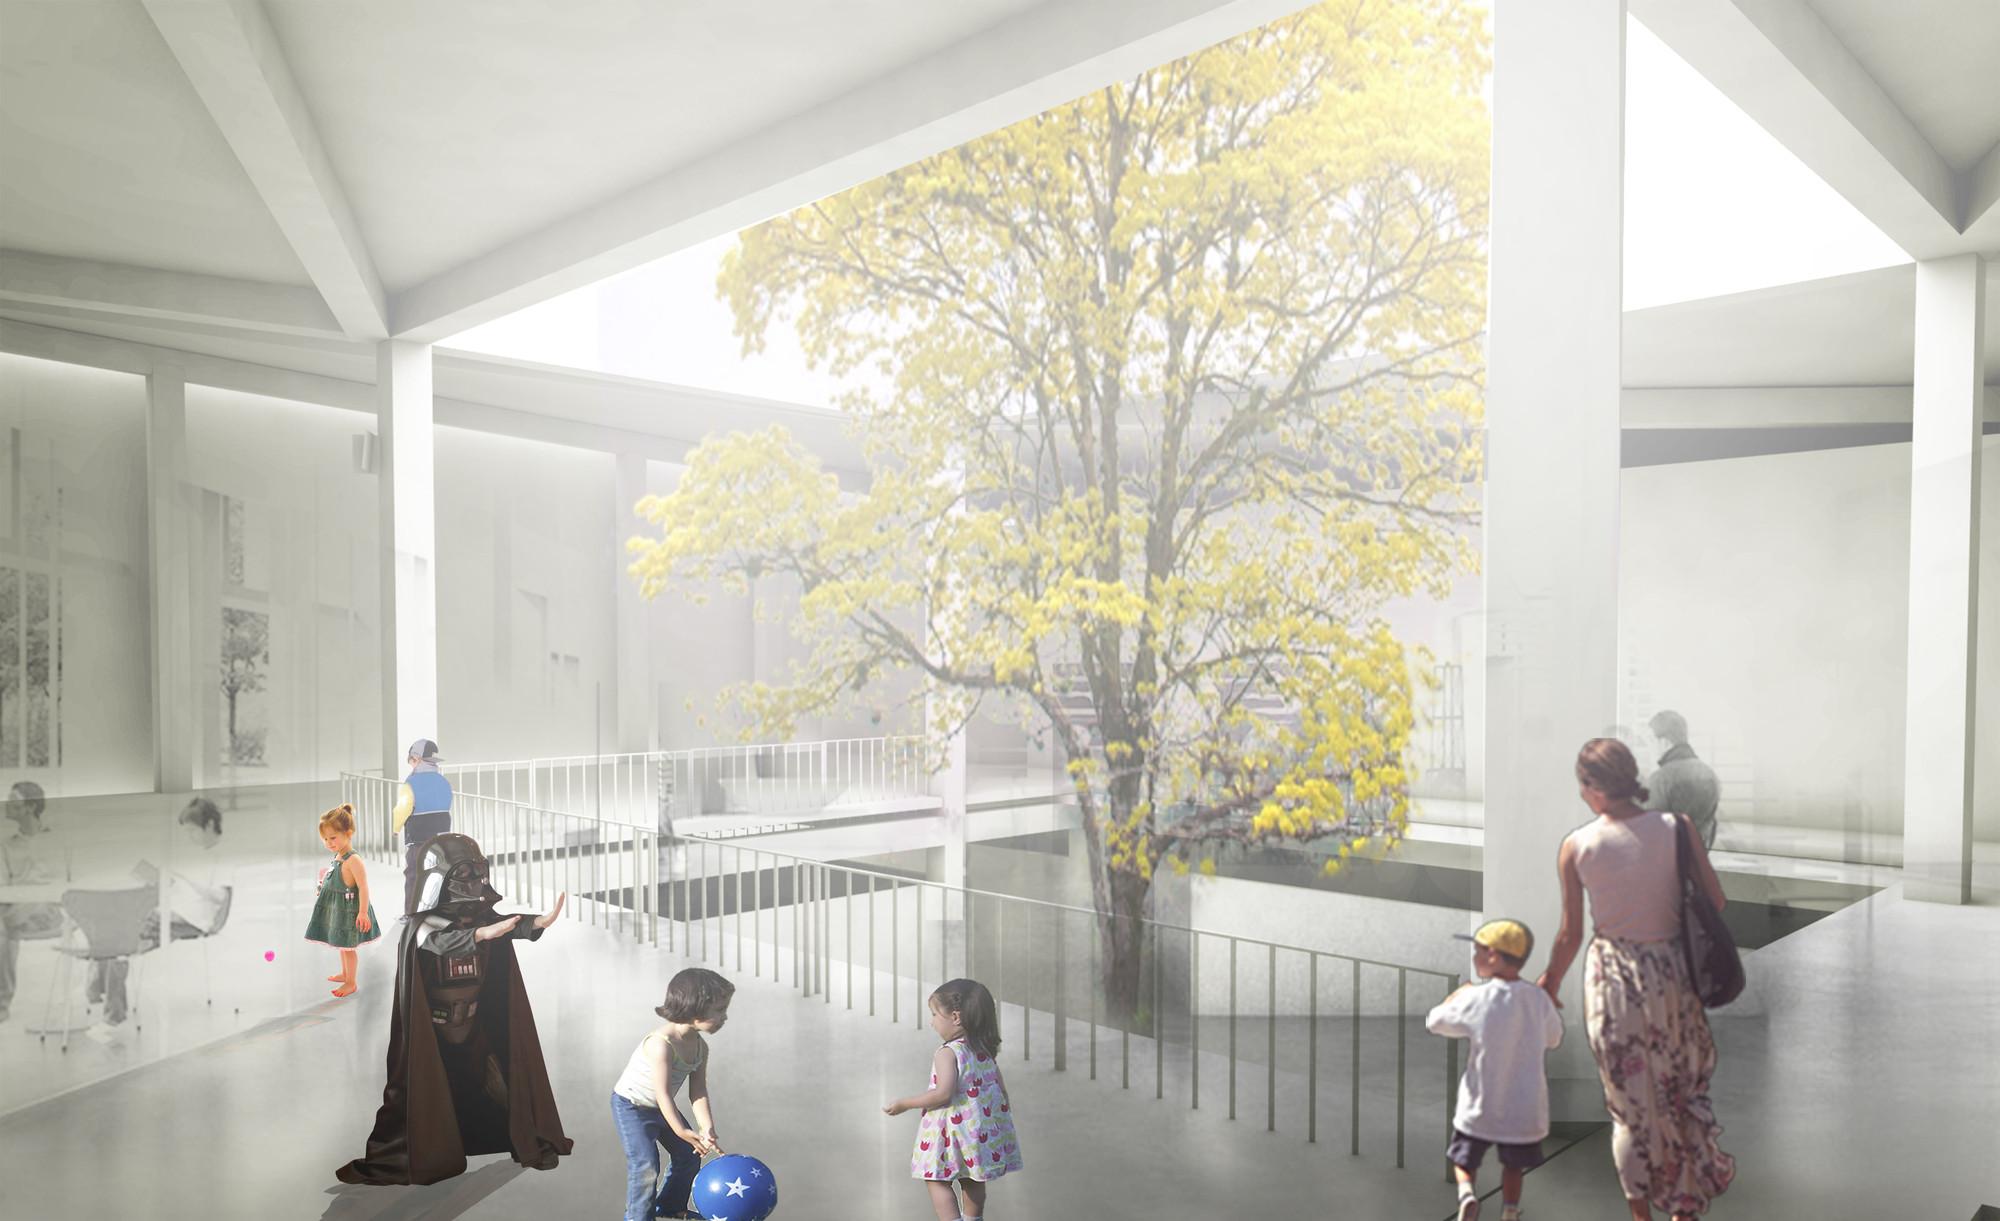 MegaColegio: zona pre-escolar. Image Courtesy of Equipo desarrollador